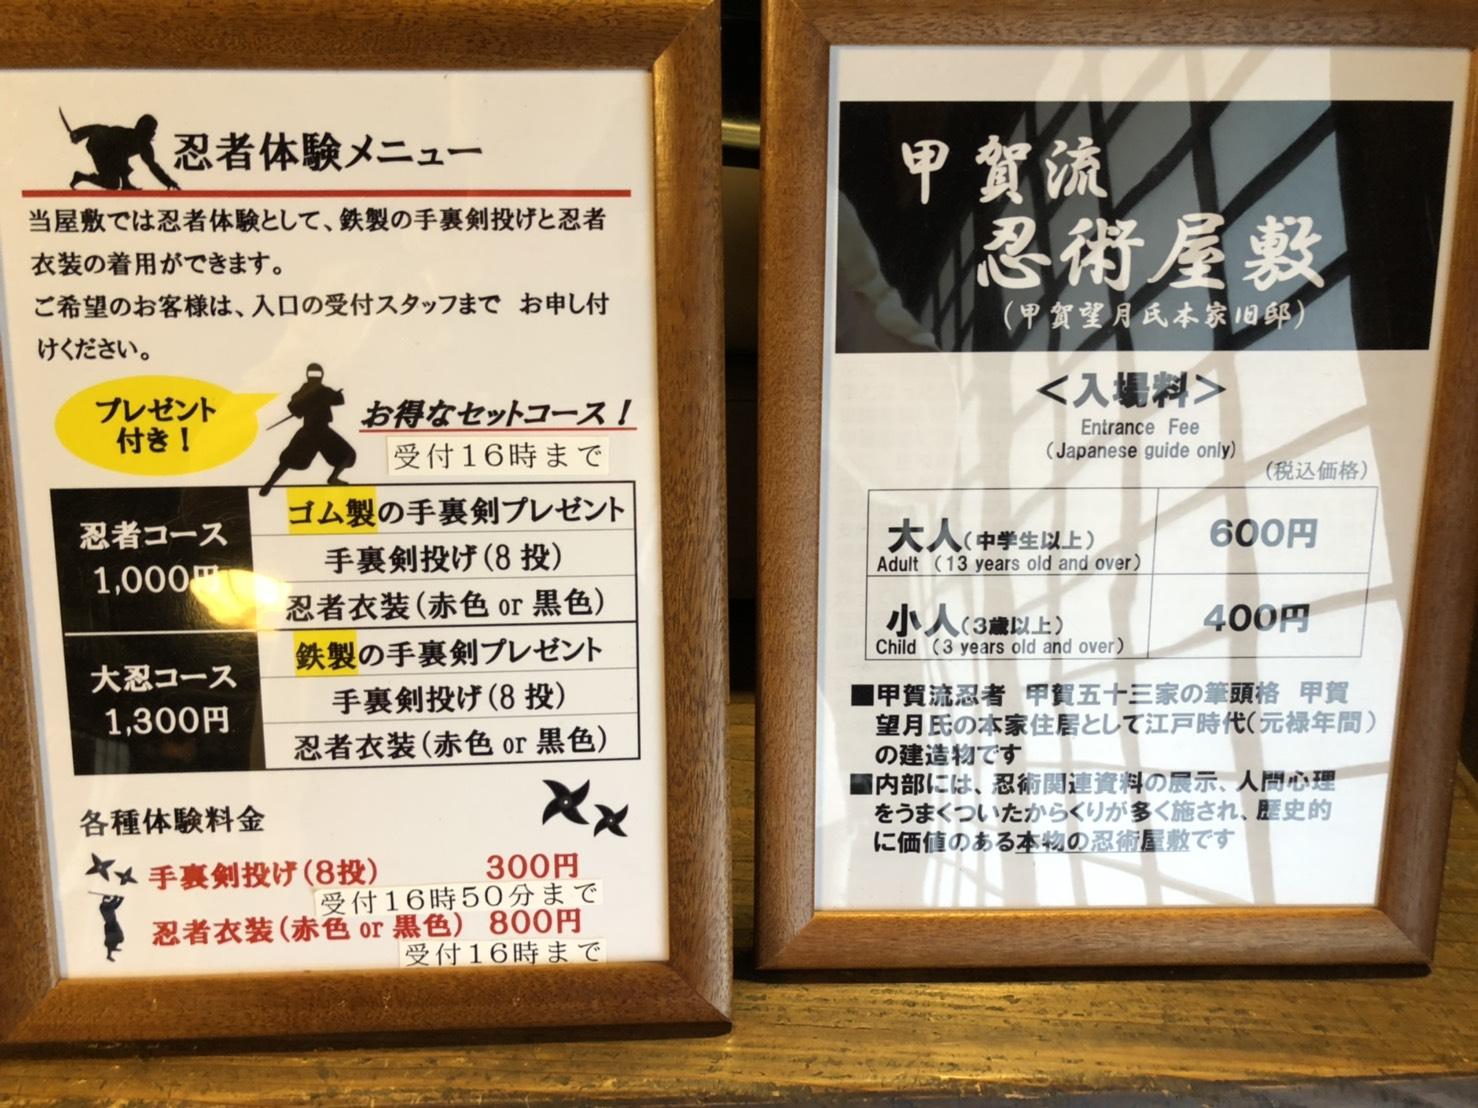 甲賀流 忍者屋敷(滋賀県甲賀市)